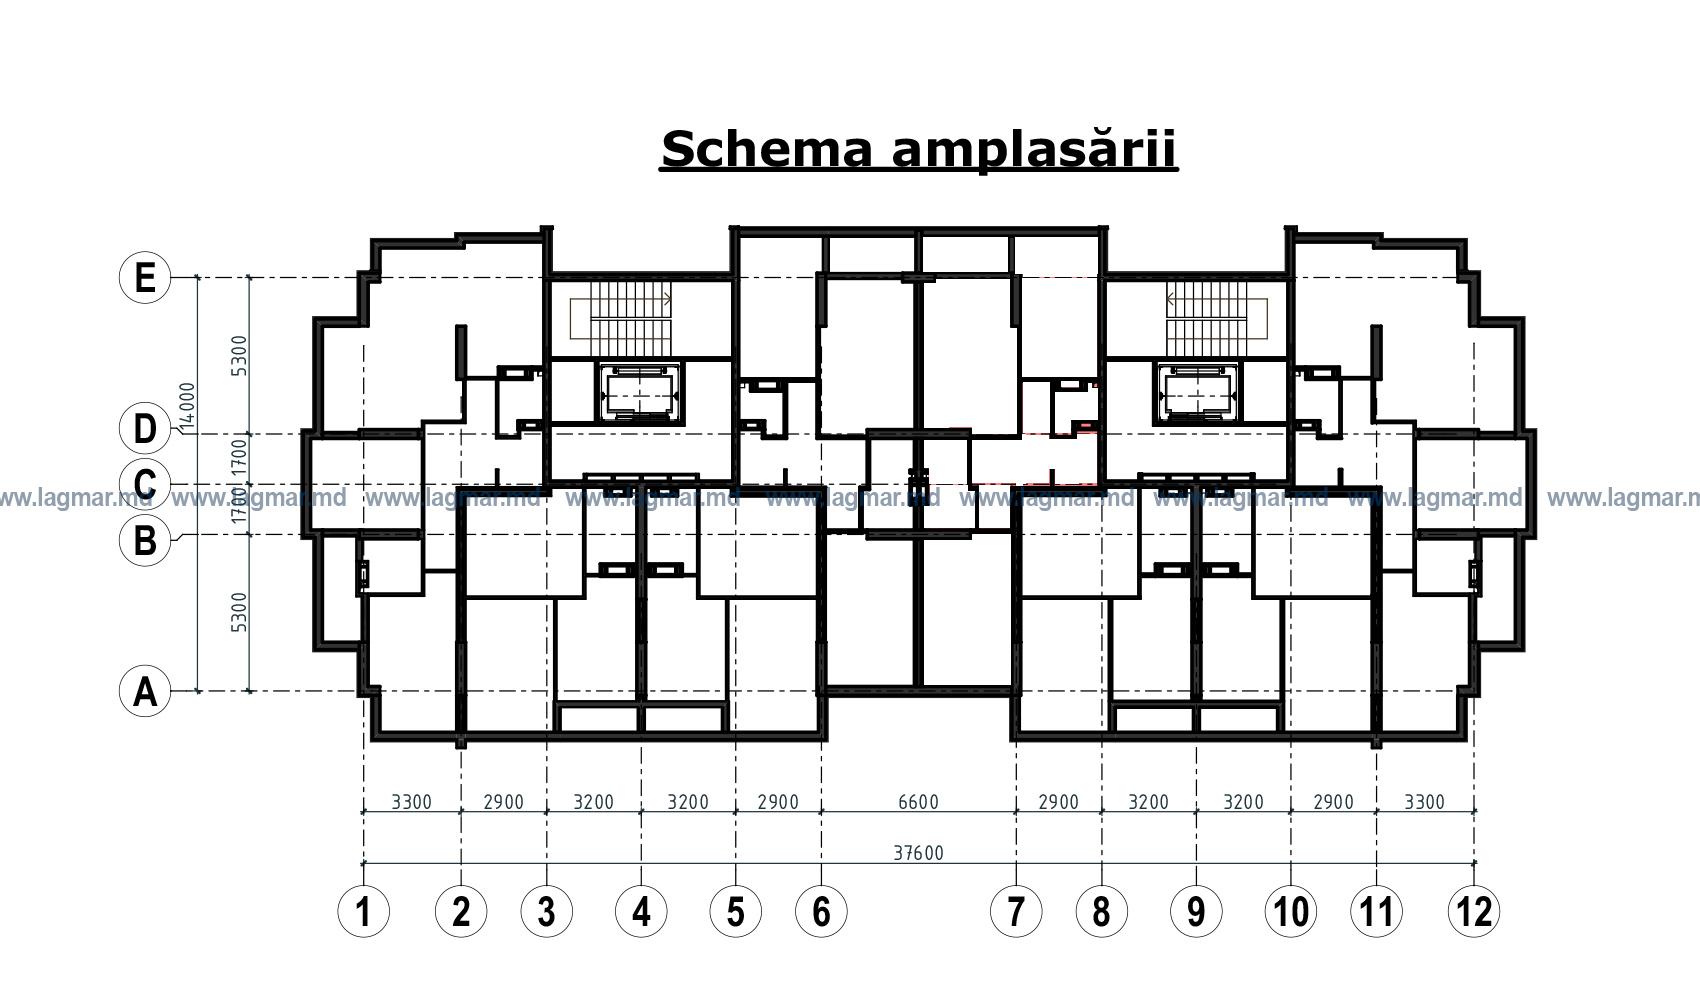 Plan bloc Florilor et. 1